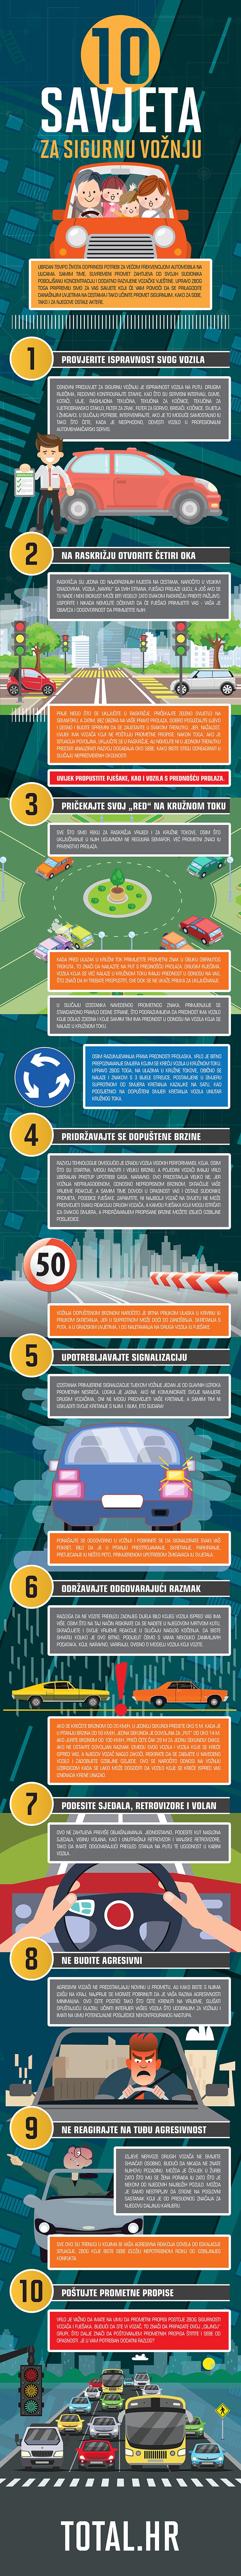 10 savjeta za sigurnu vožnju